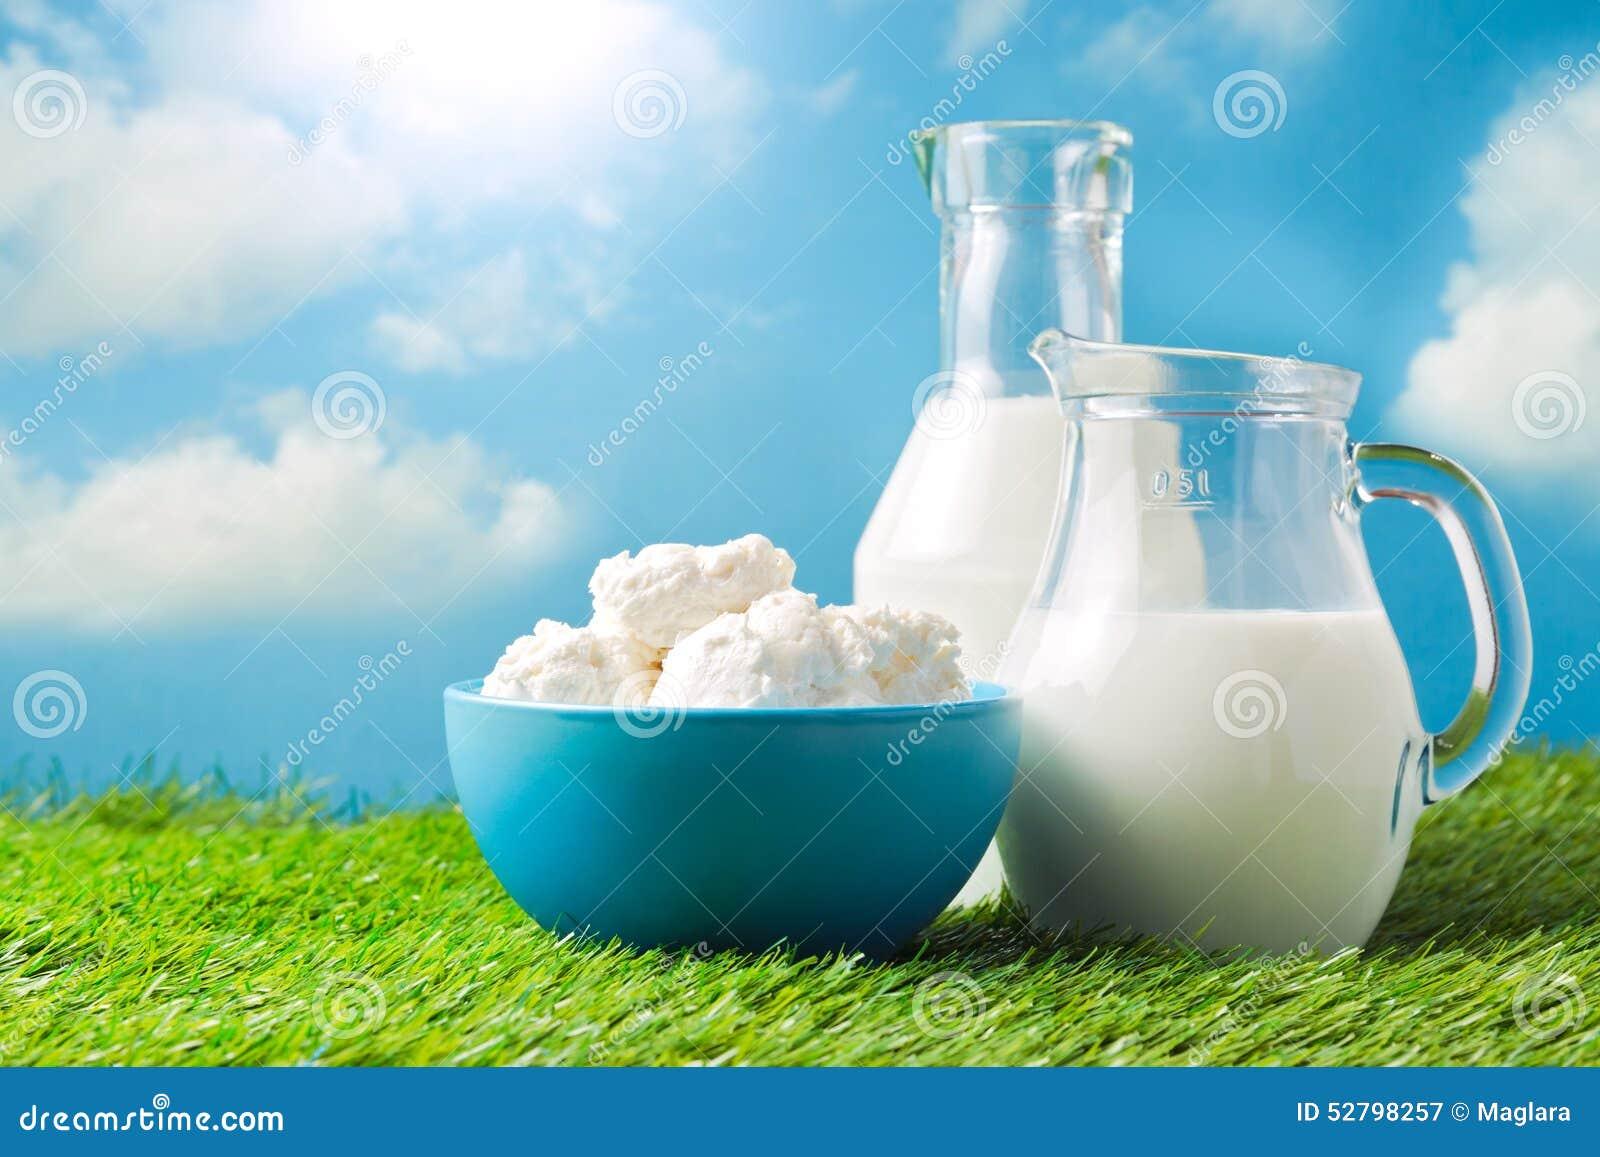 Milch und Hüttenkäse über Hintergrund der Wiese und des blauen Himmels